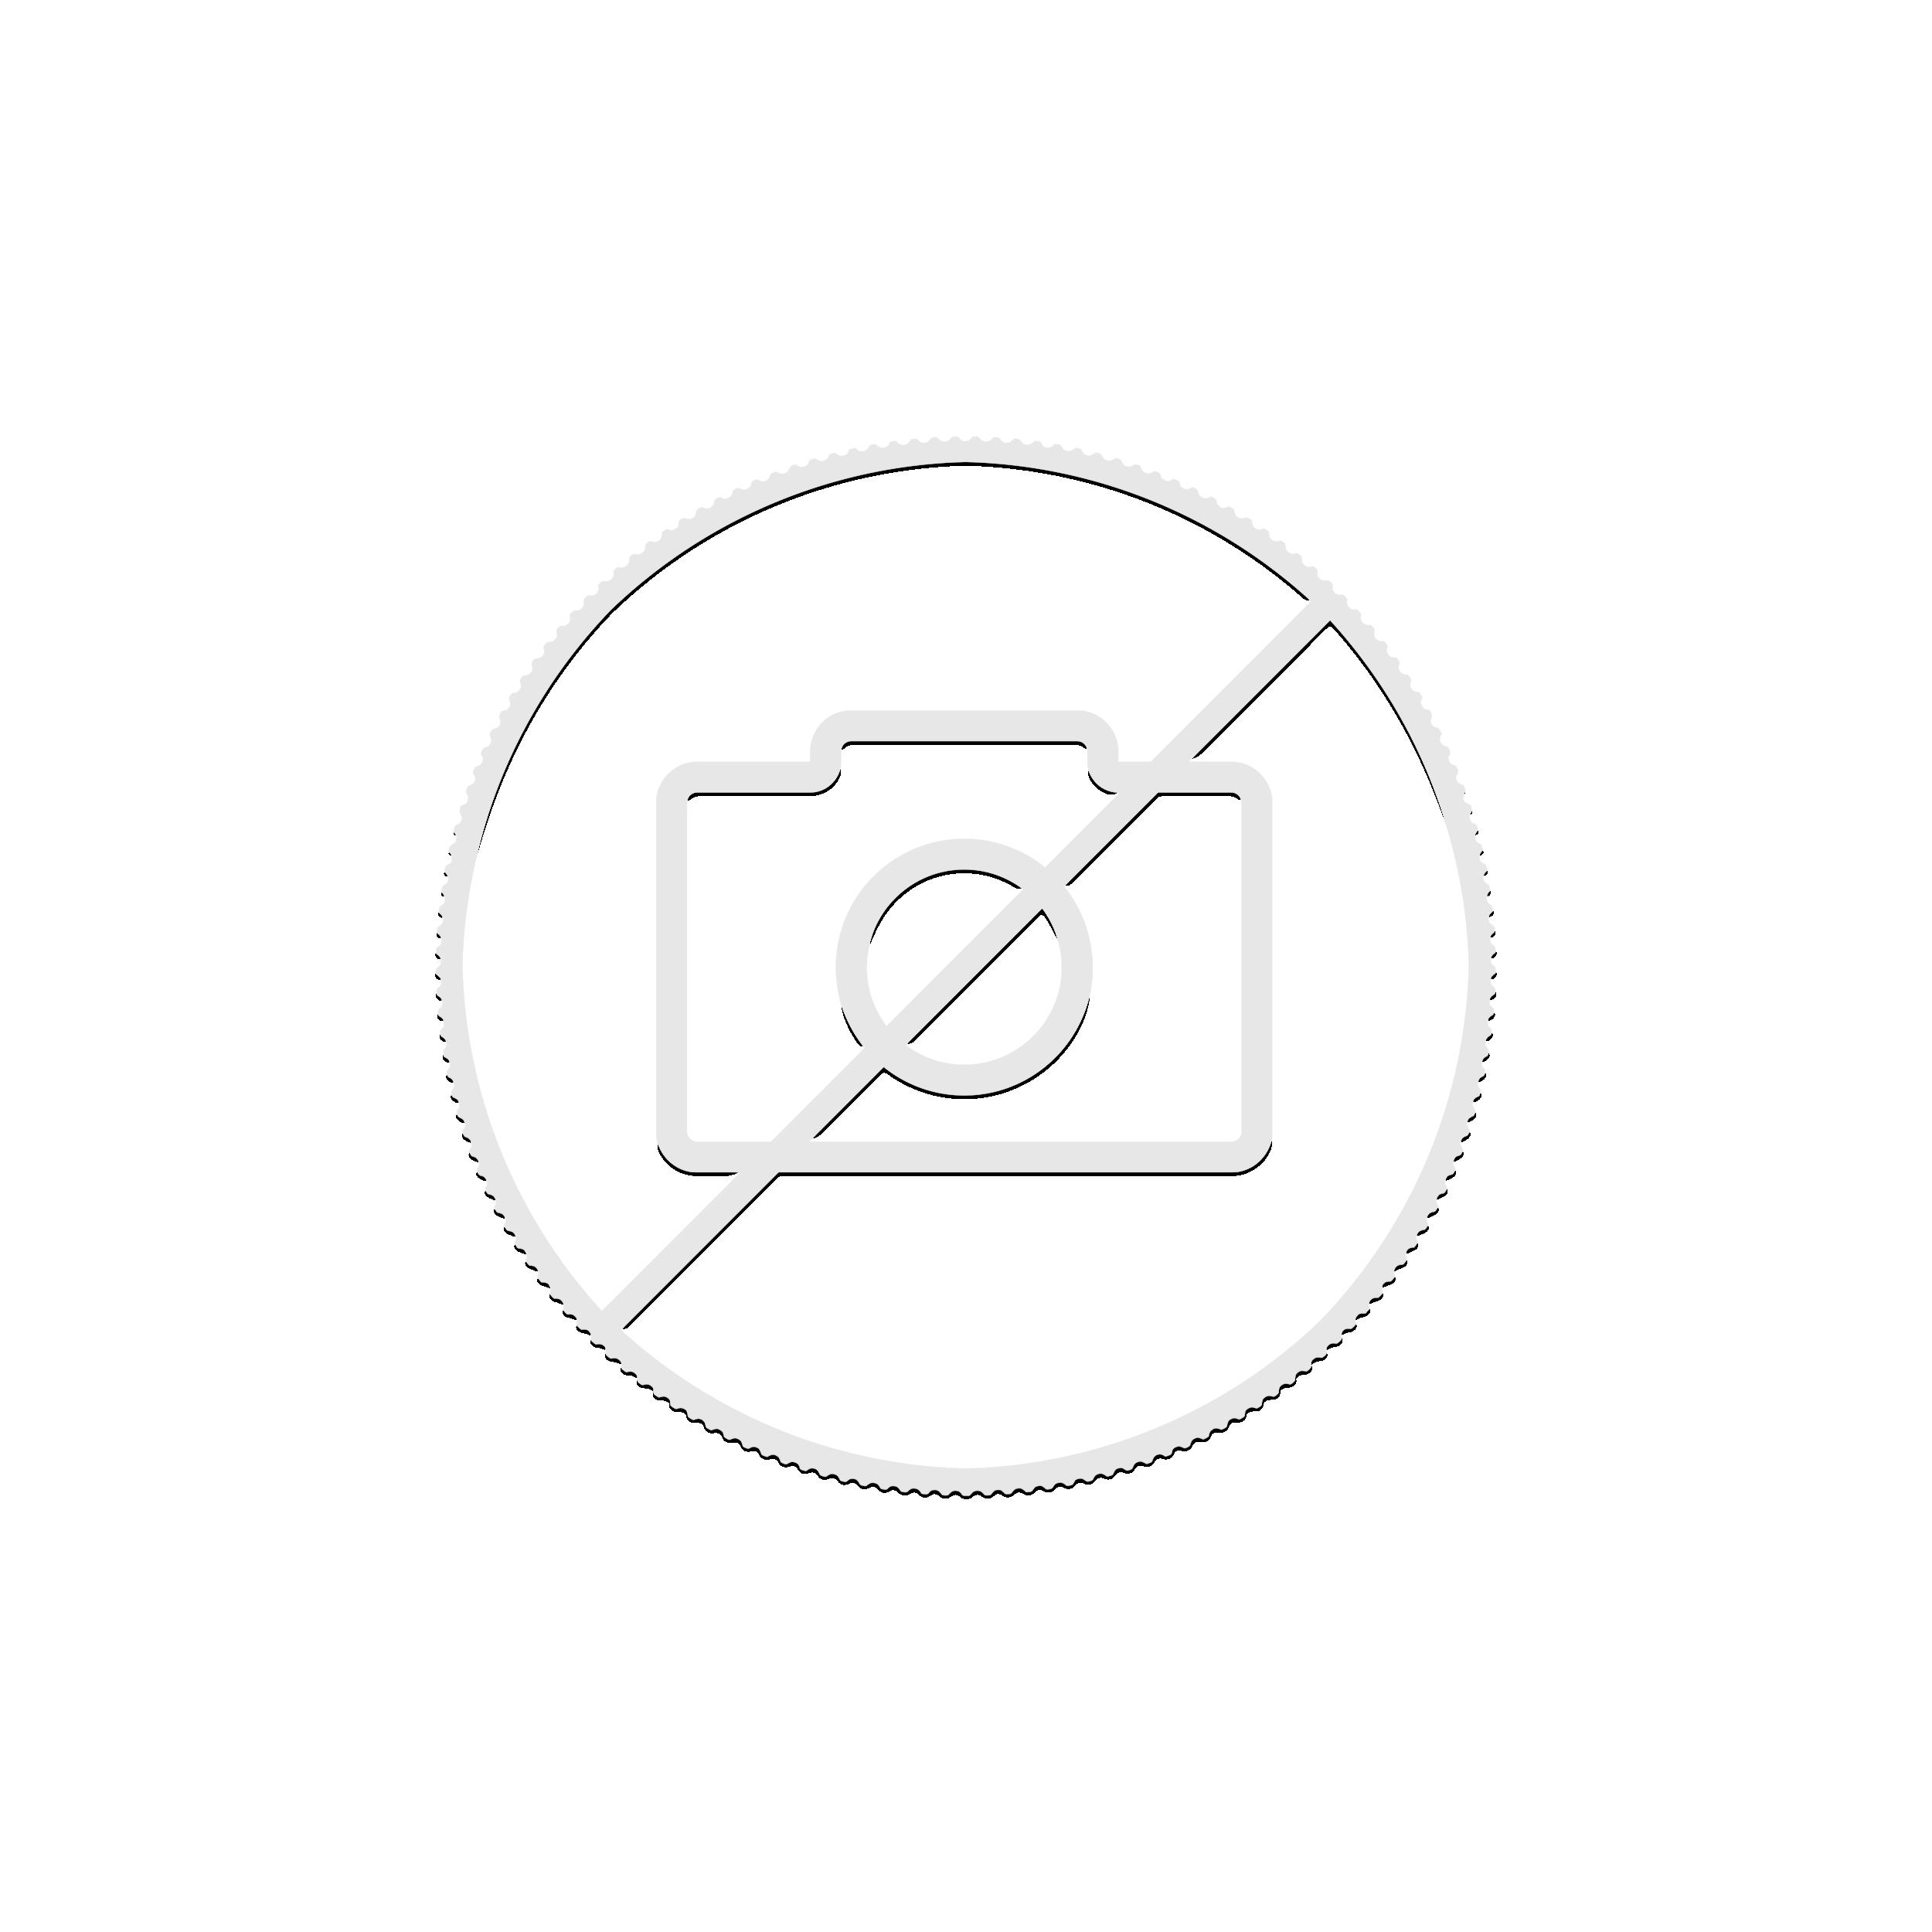 1 Troy ounce silver Lunar coin 2017